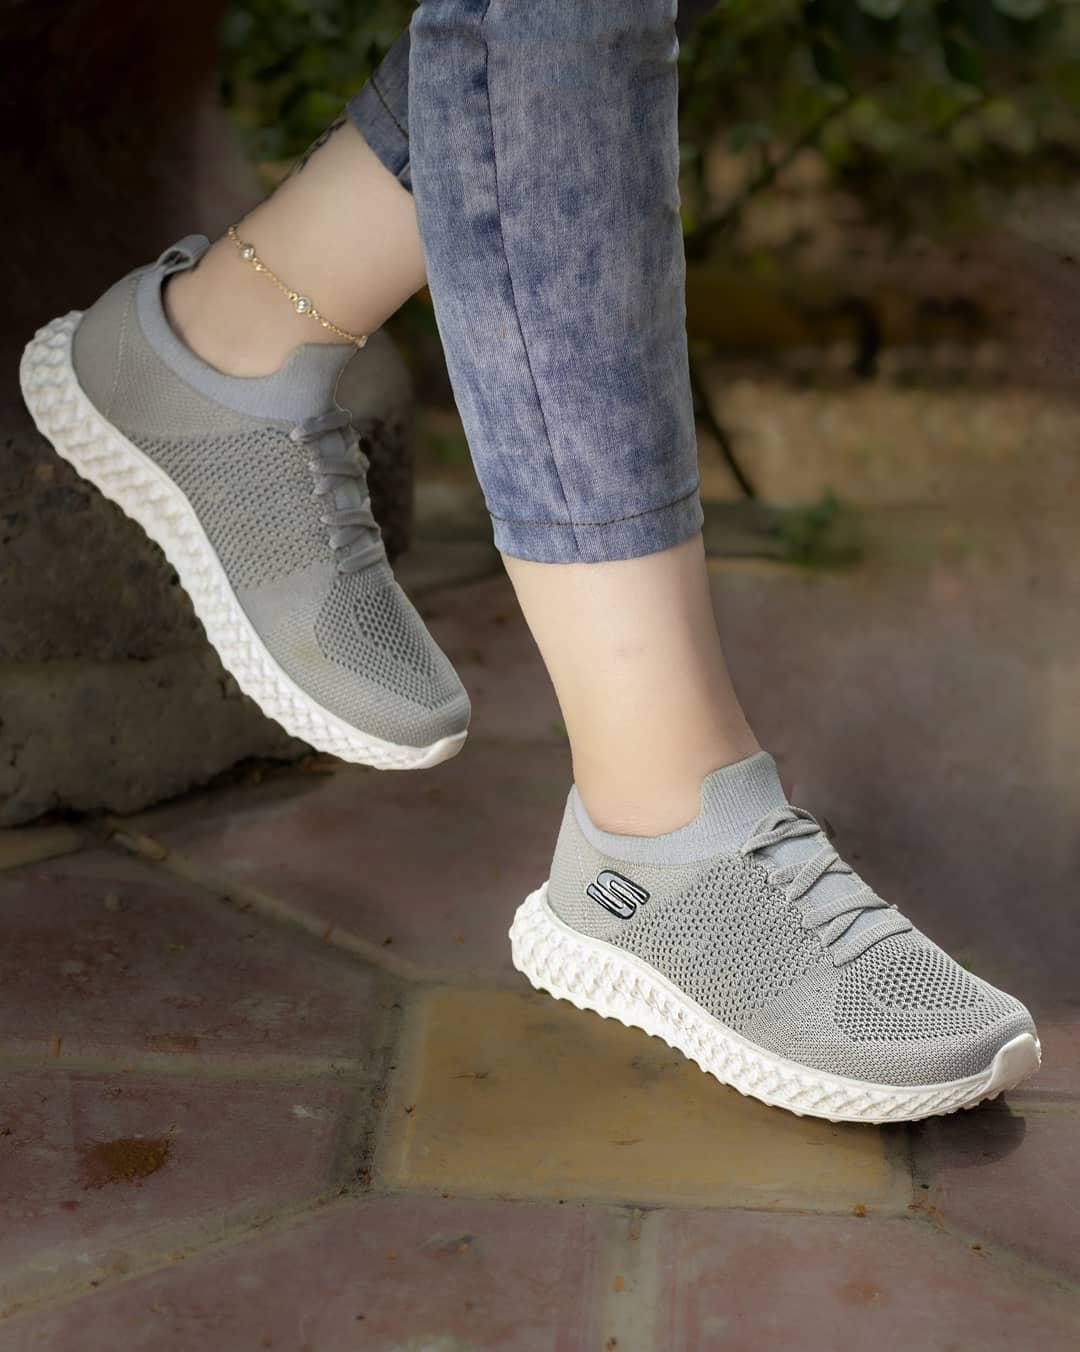 کفش طوسی رنگ اسکیچرز دخترانه - کفش تعطیلات